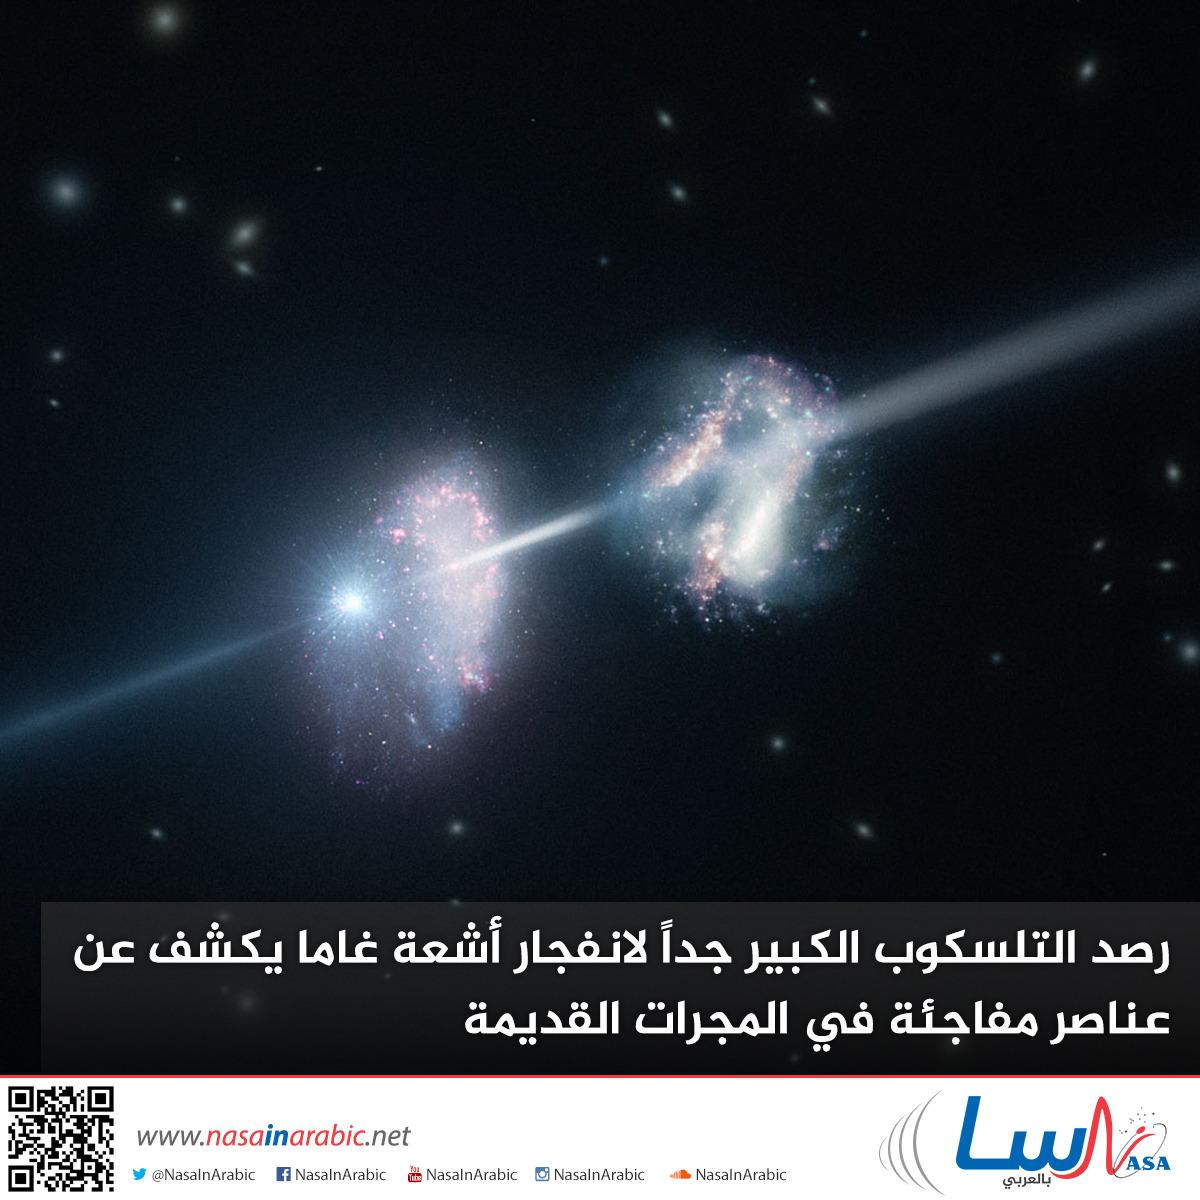 رصد التلسكوب الكبير جداً لانفجار أشعة غاما يكشف عن عناصر مفاجئة في المجرات القديمة